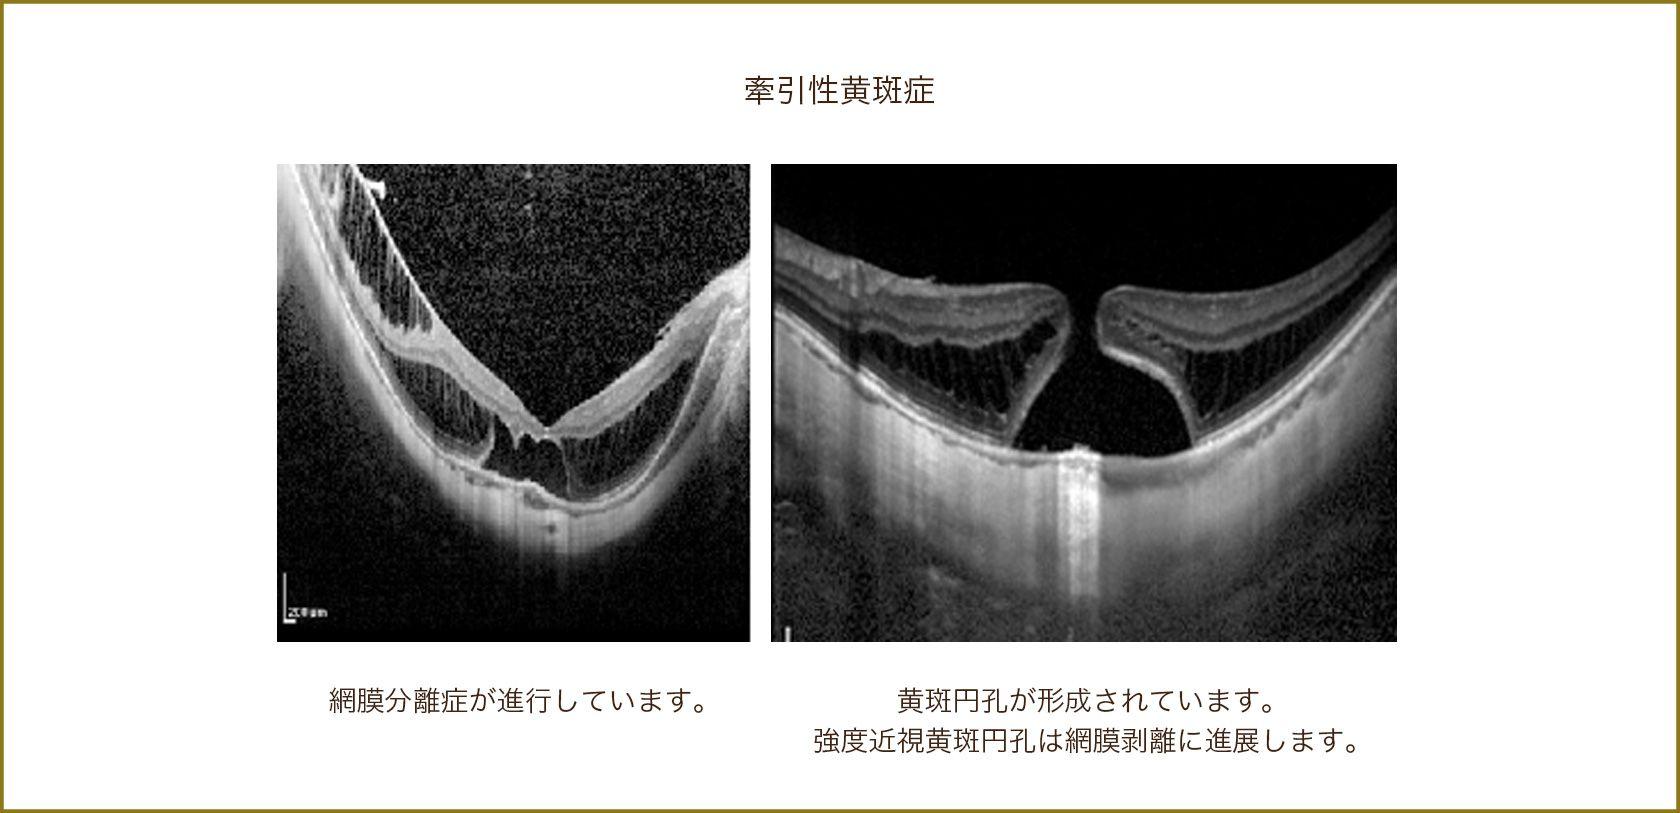 近視性牽引性黄斑症